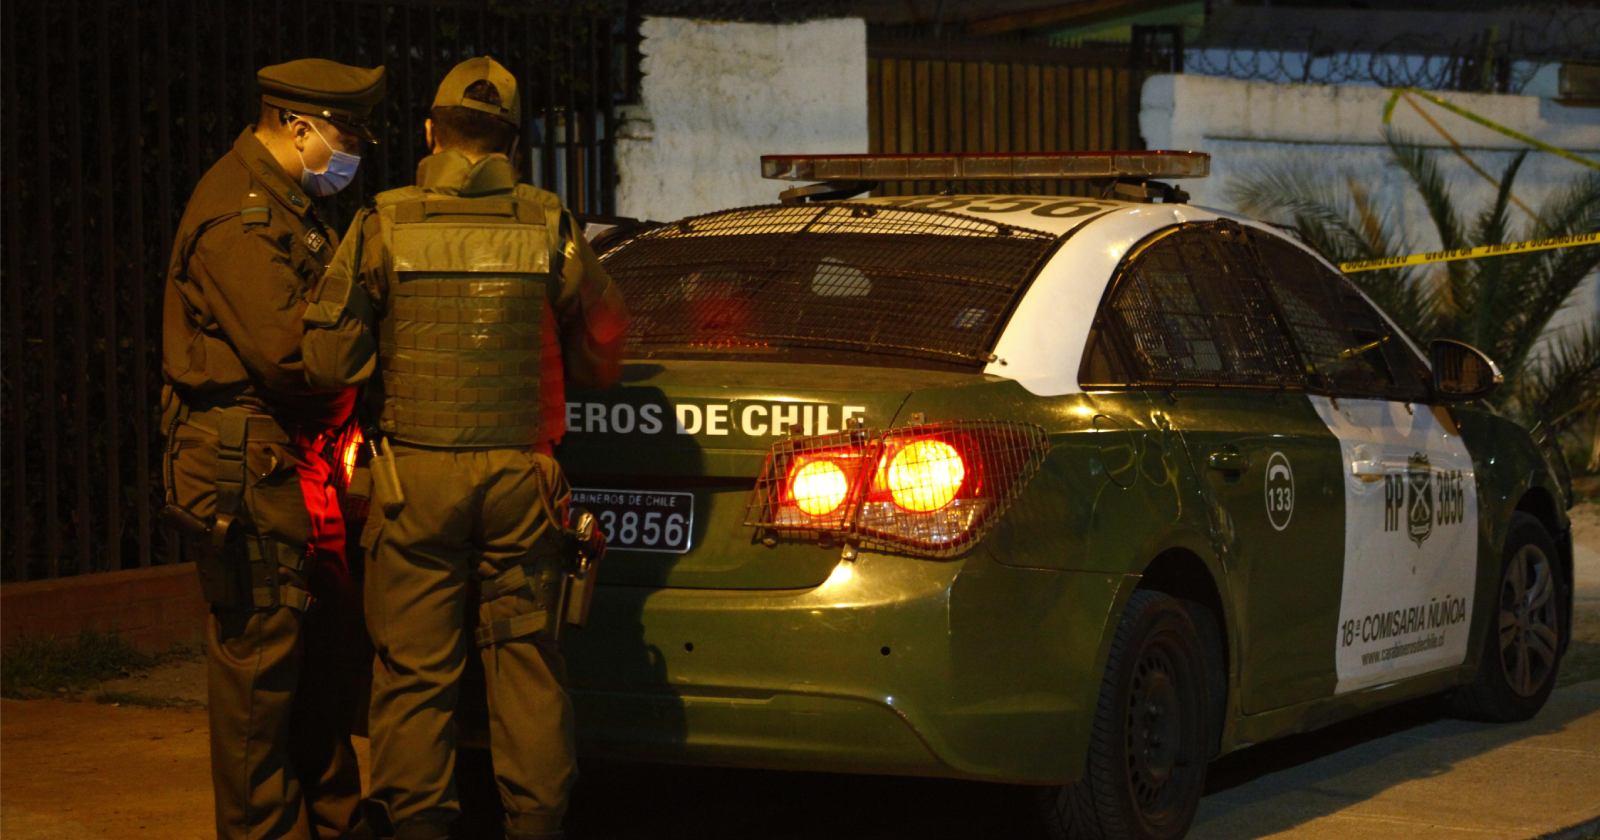 15 detenidos por grabar videoclip en la calle en Cerro Navia